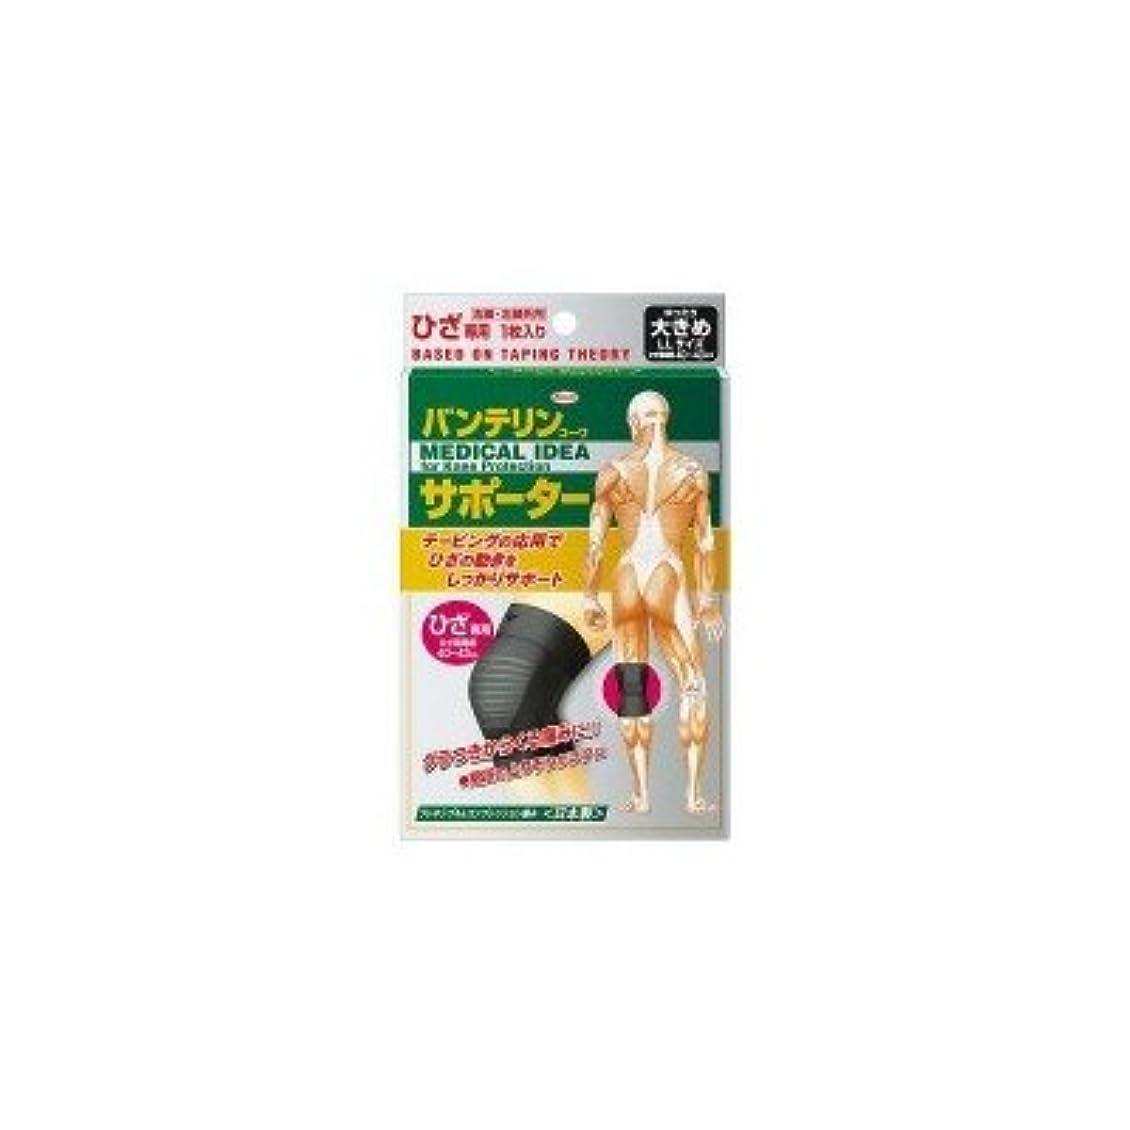 メンタル蚊影のある興和(コーワ) バンテリンコーワサポーター ひざ専用 ゆったり大きめLLサイズ ブラック